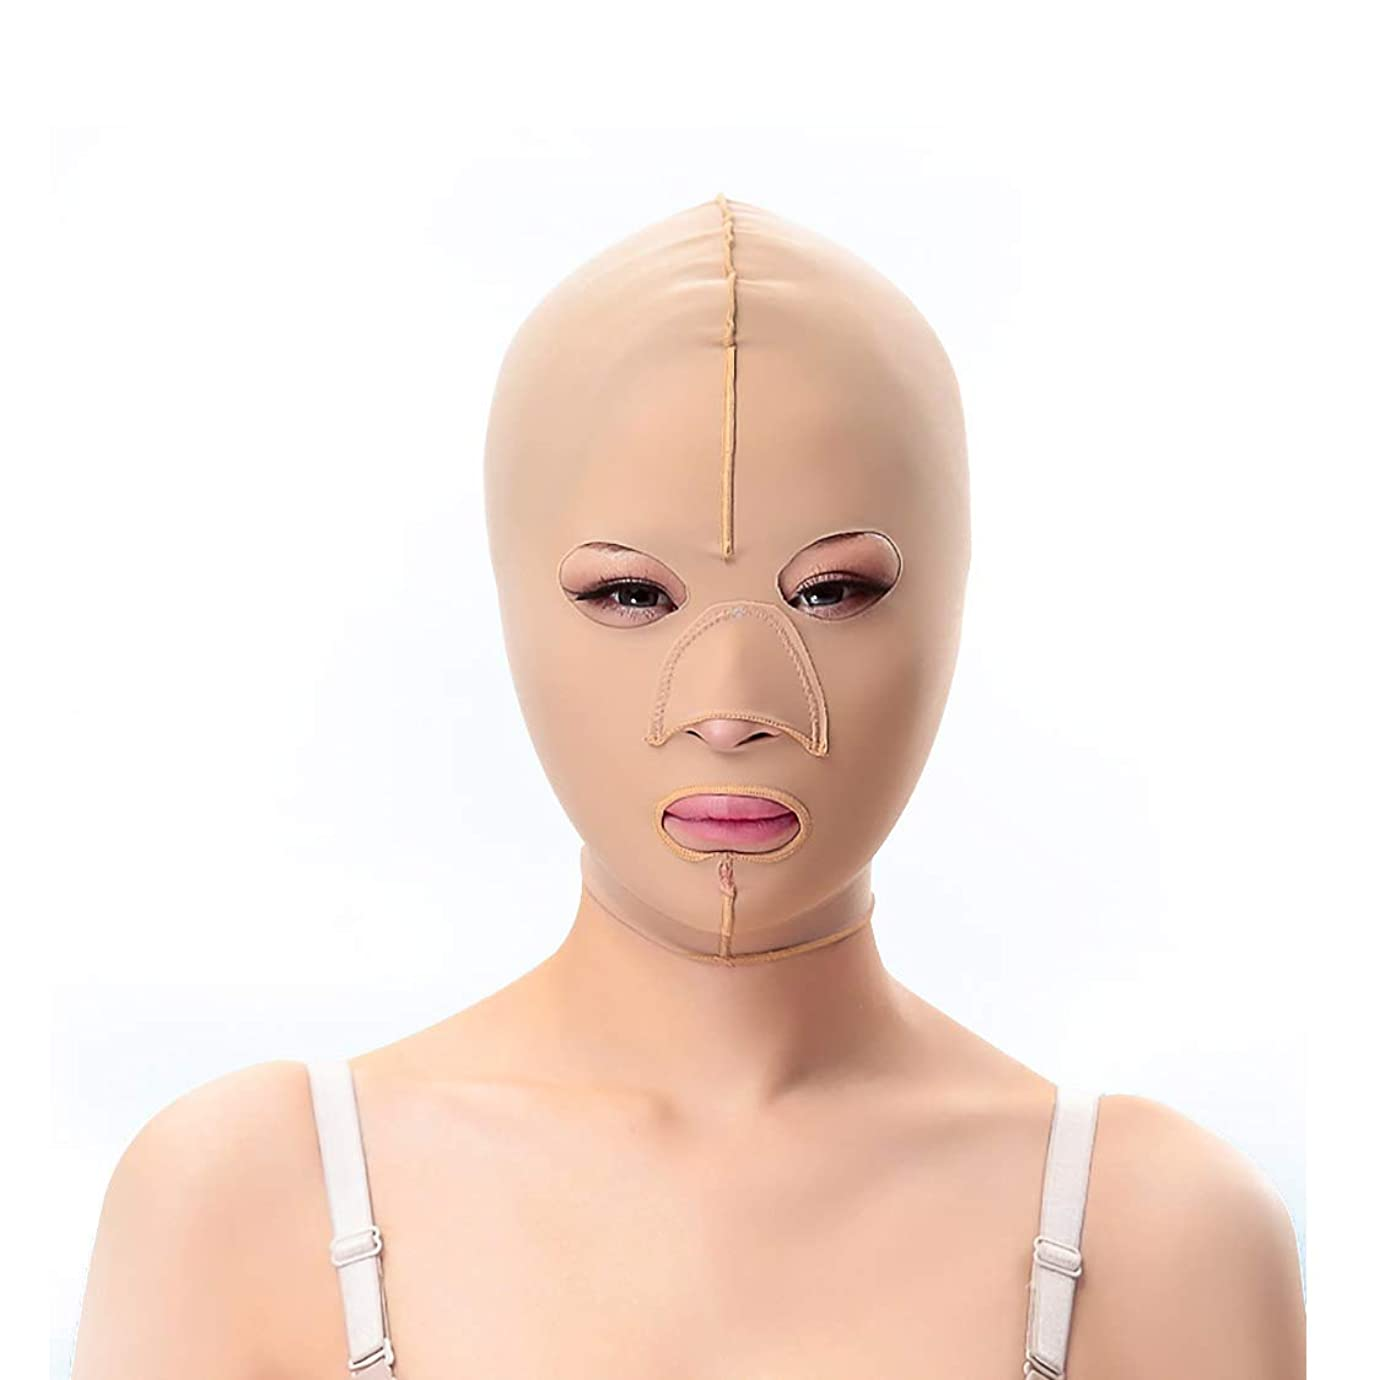 石膏プログラムリークスリミングベルト、二重あごの引き締め顔のプラスチックフェイスアーティファクト強力なフェイス包帯を脇に持ち上げるパターンを欺くためのフェイシャルマスクシンフェイスマスク(サイズ:L),S